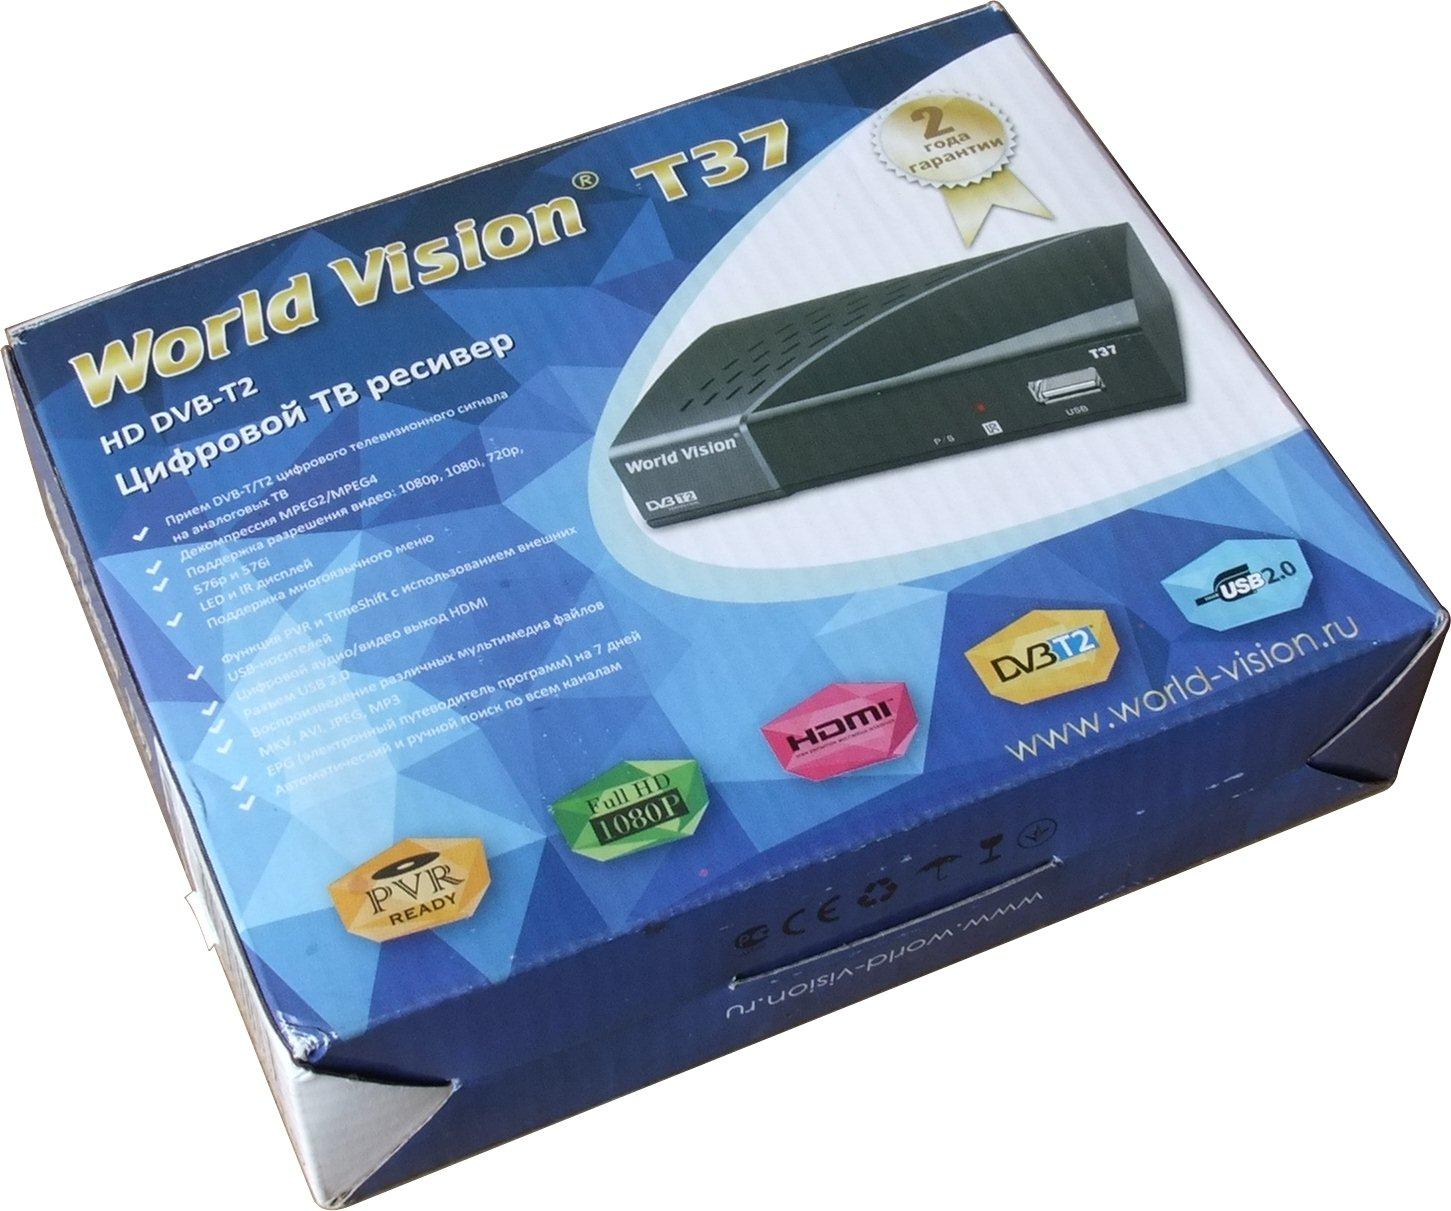 World vision t213 обновление прошивка скачать бесплатно